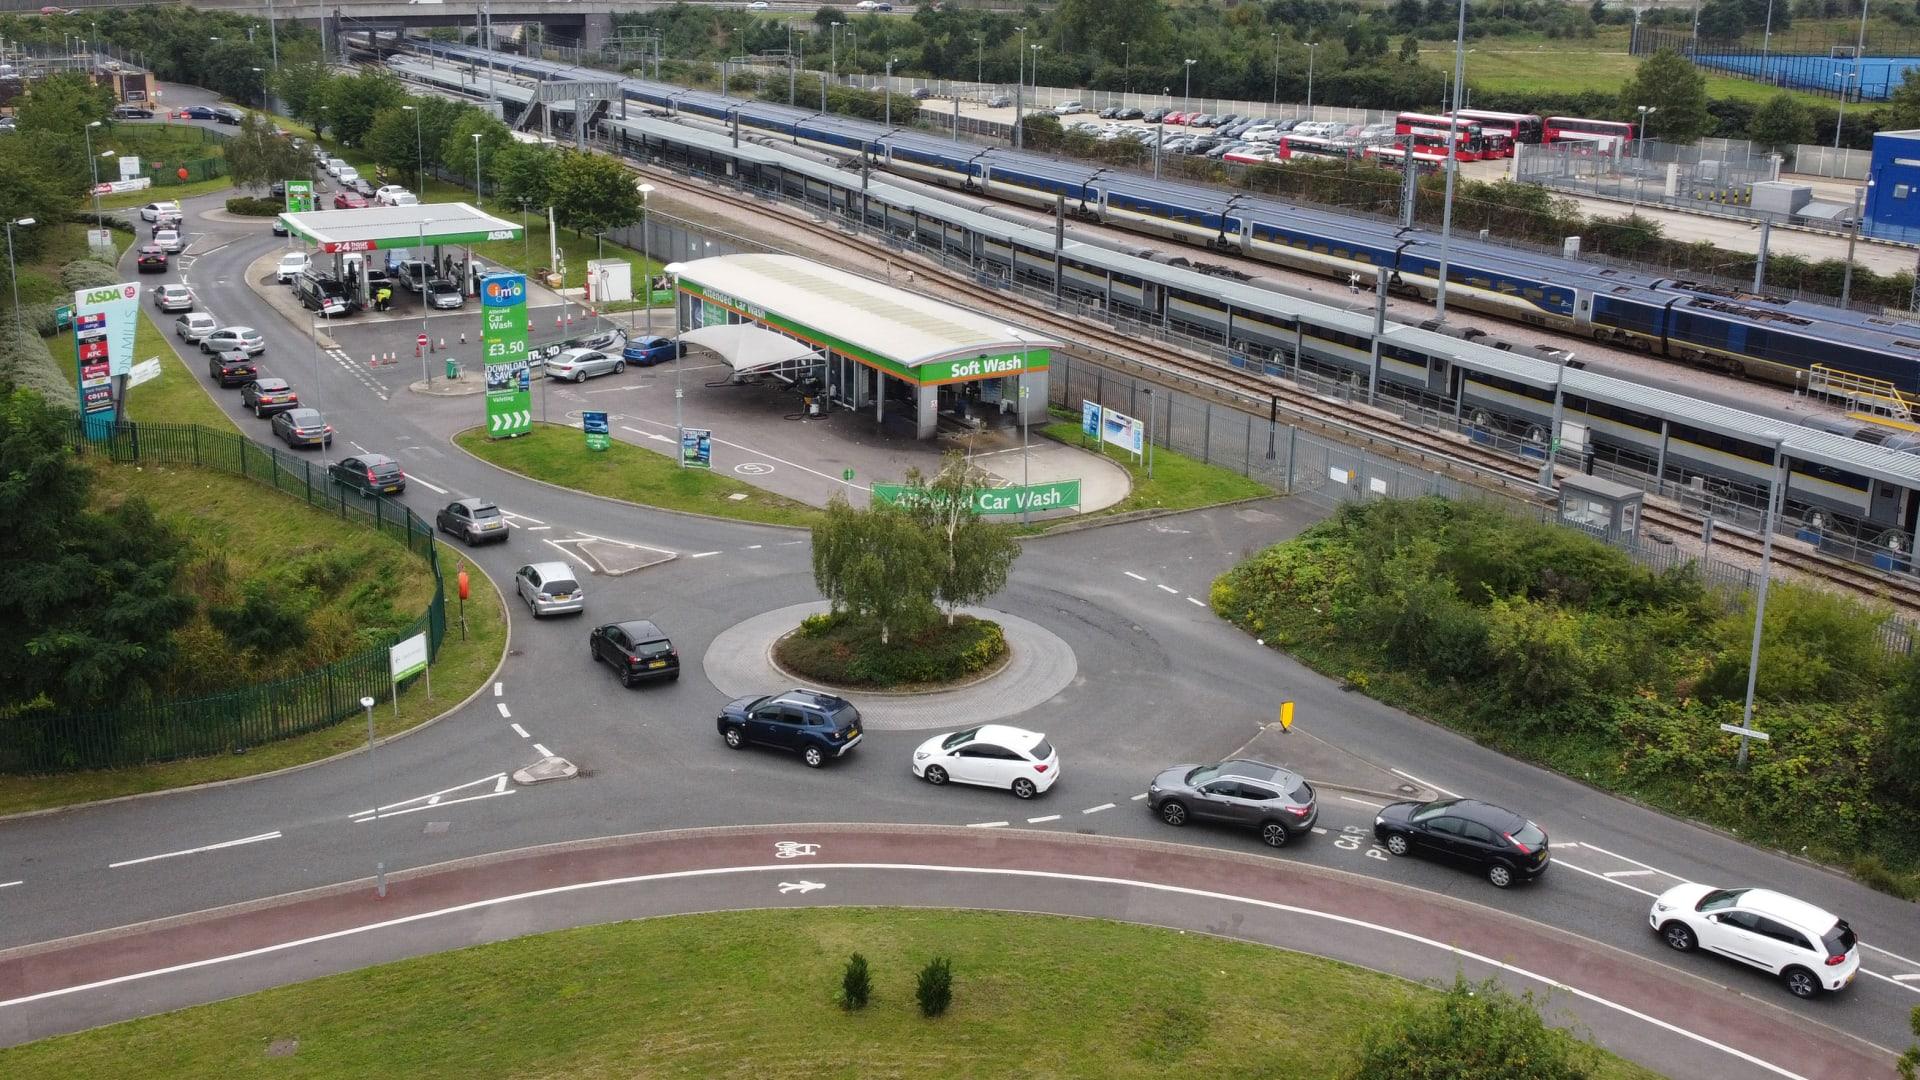 وسط حالة من الذعر.. طوابير من المركبات تشكلت للحصول على الوقود في بريطانيا